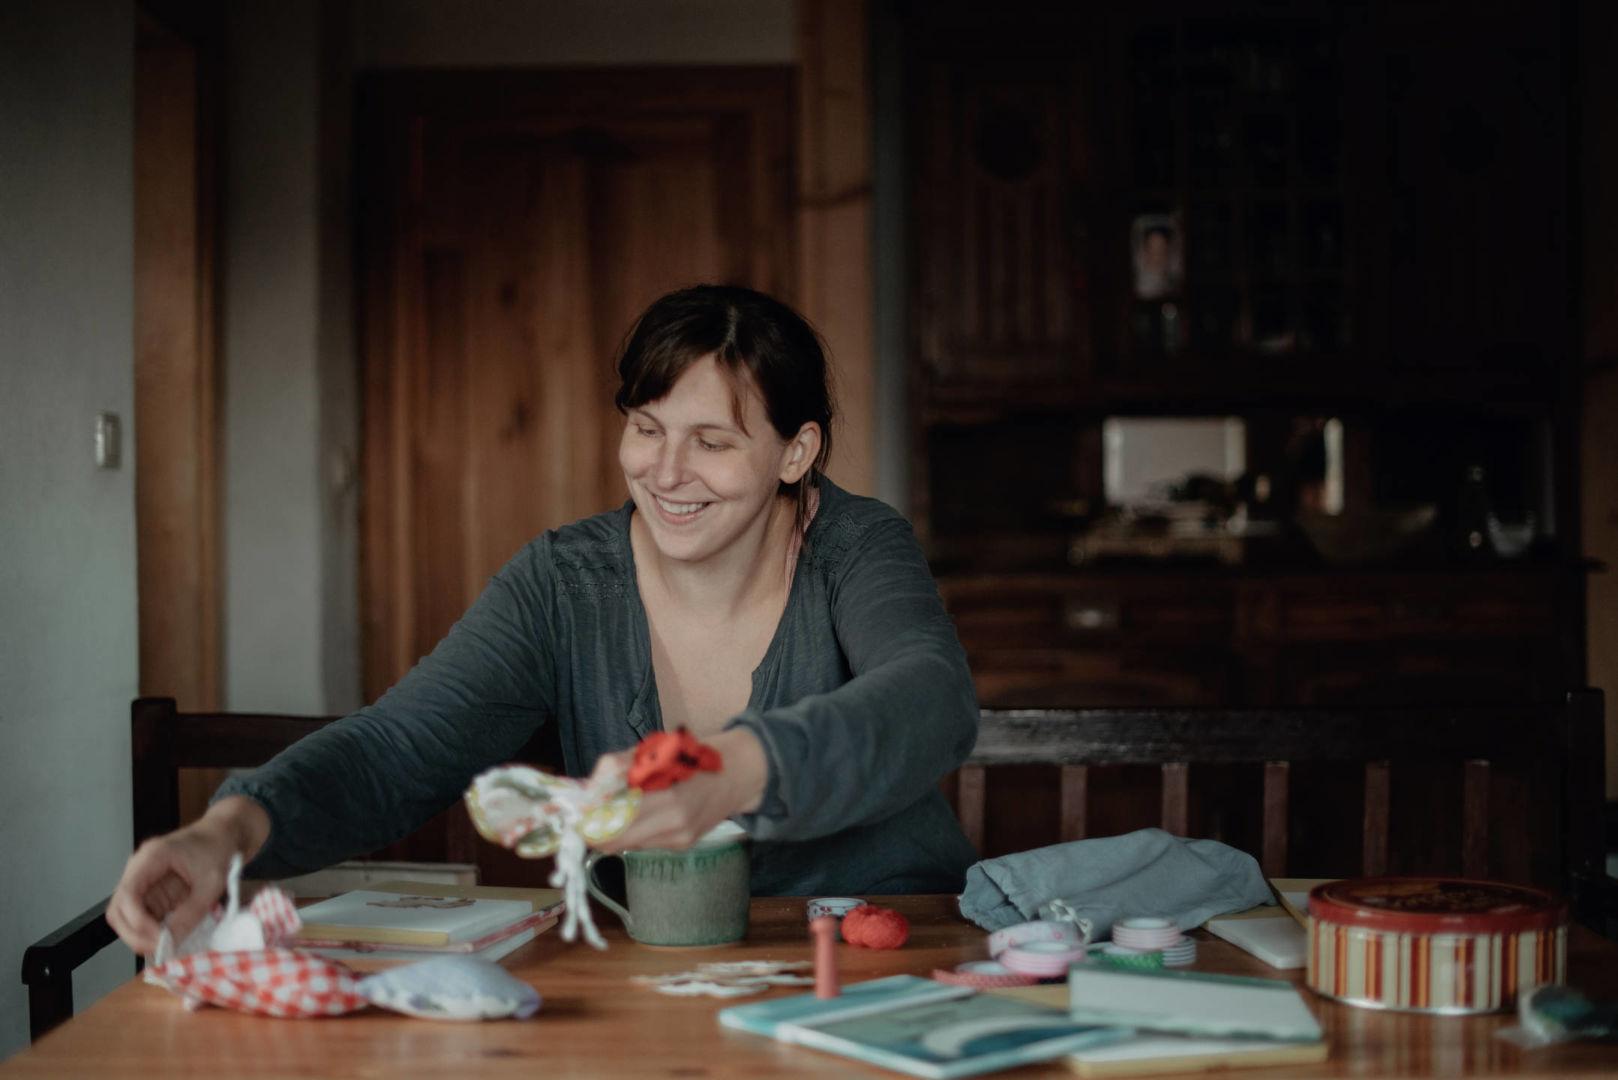 Mariana, učiteľka v materskej školke